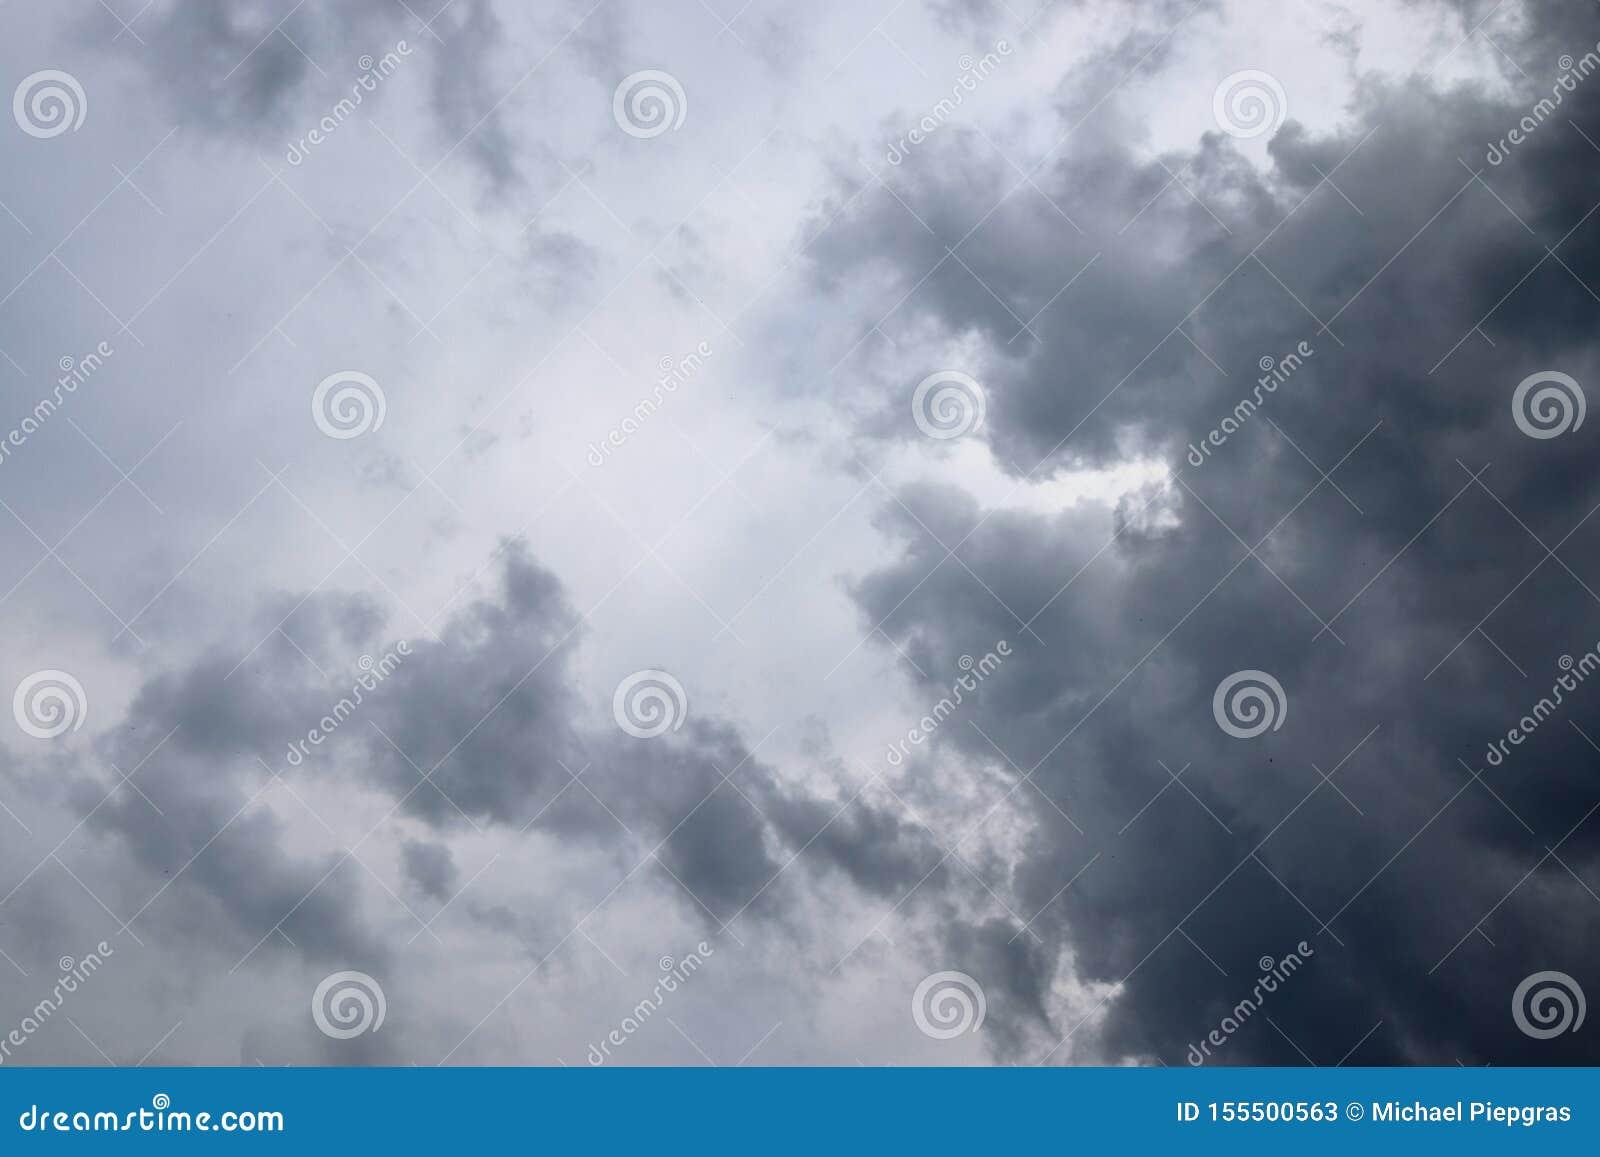 Оглушать темные образования облака прямо прежде грозы